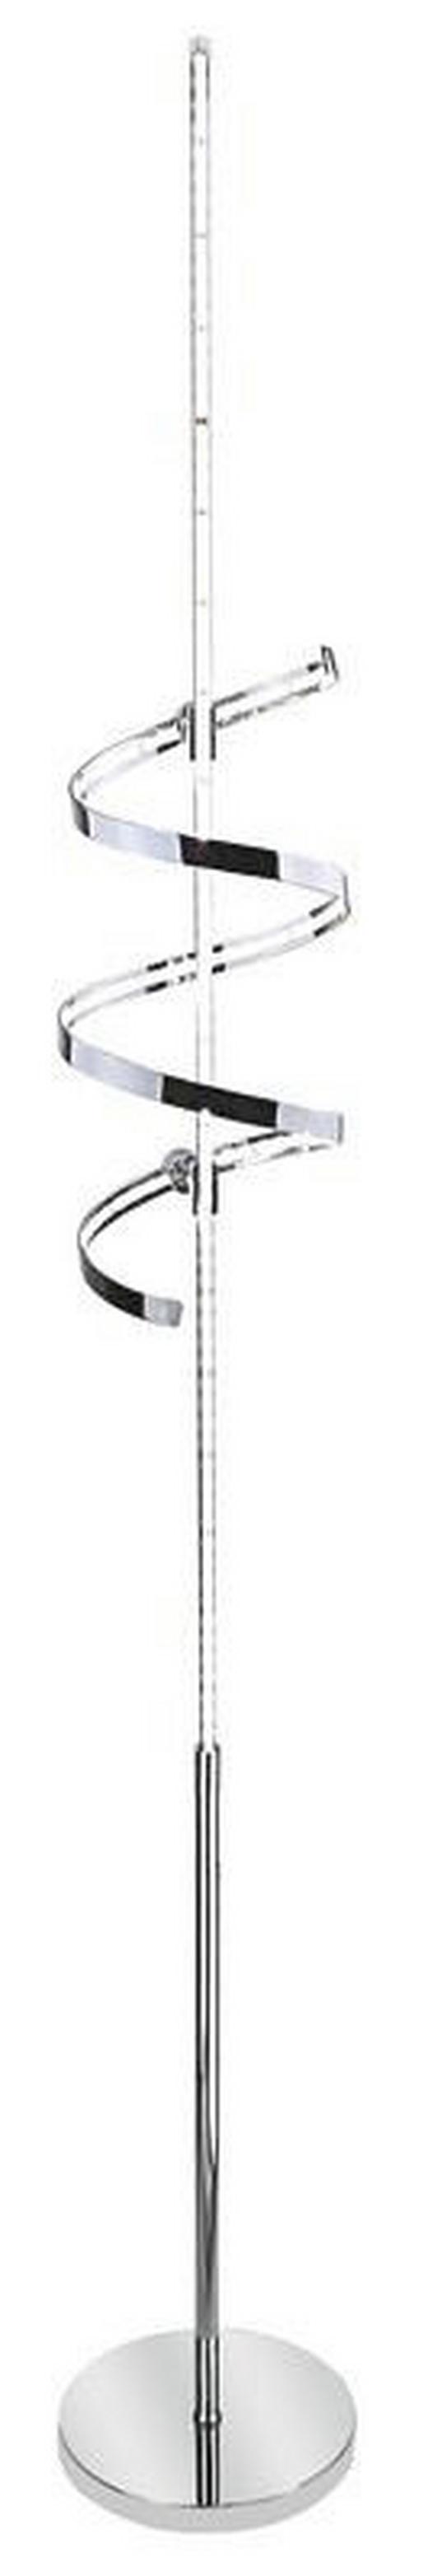 LED-STEHLEUCHTE - Chromfarben, Design, Kunststoff/Metall (20/150cm)